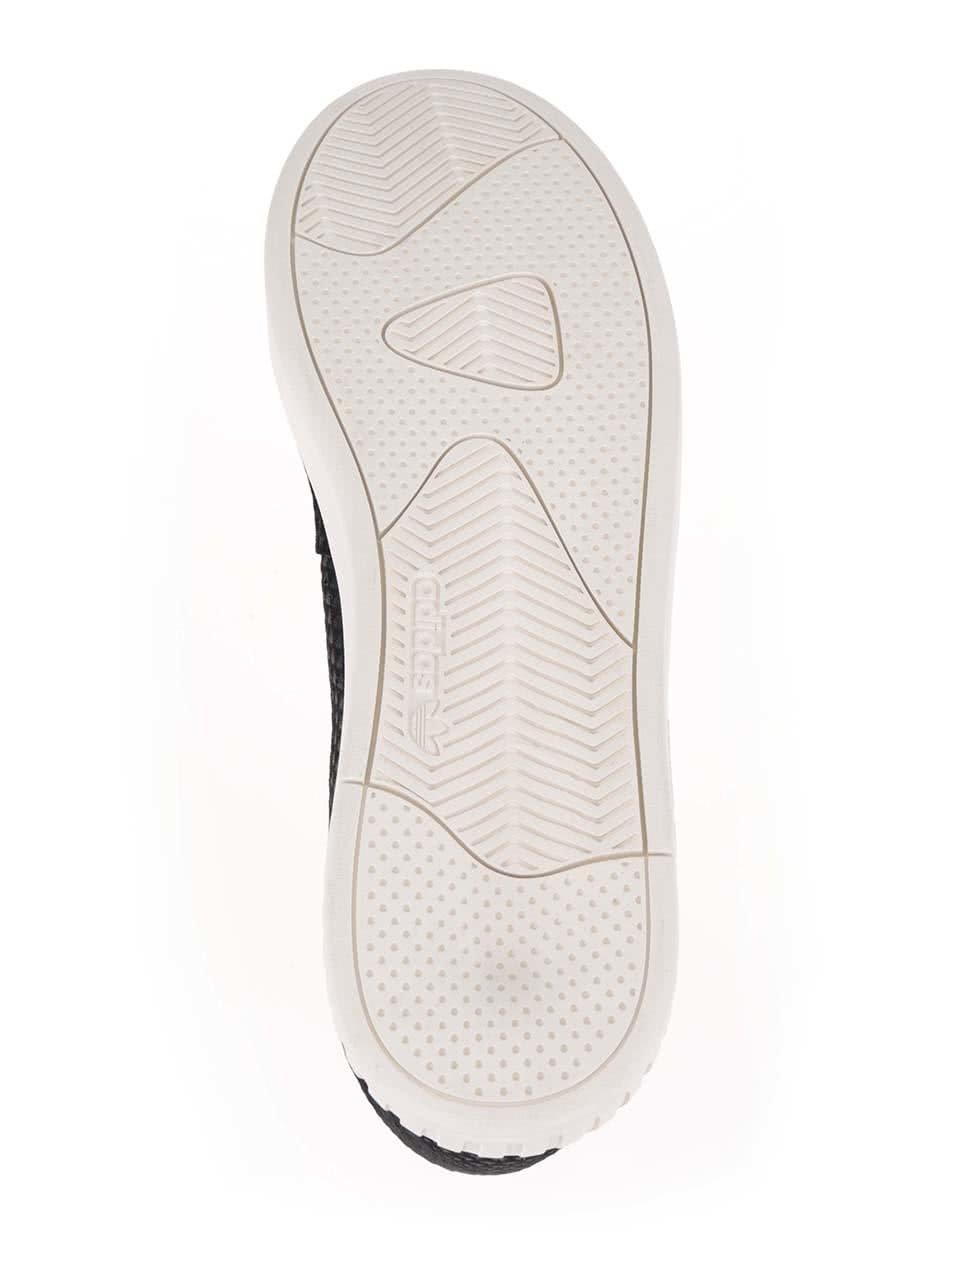 Čierne pánske semišové členkové tenisky adidas Originals Tubular Invader ... e3ec22108a9